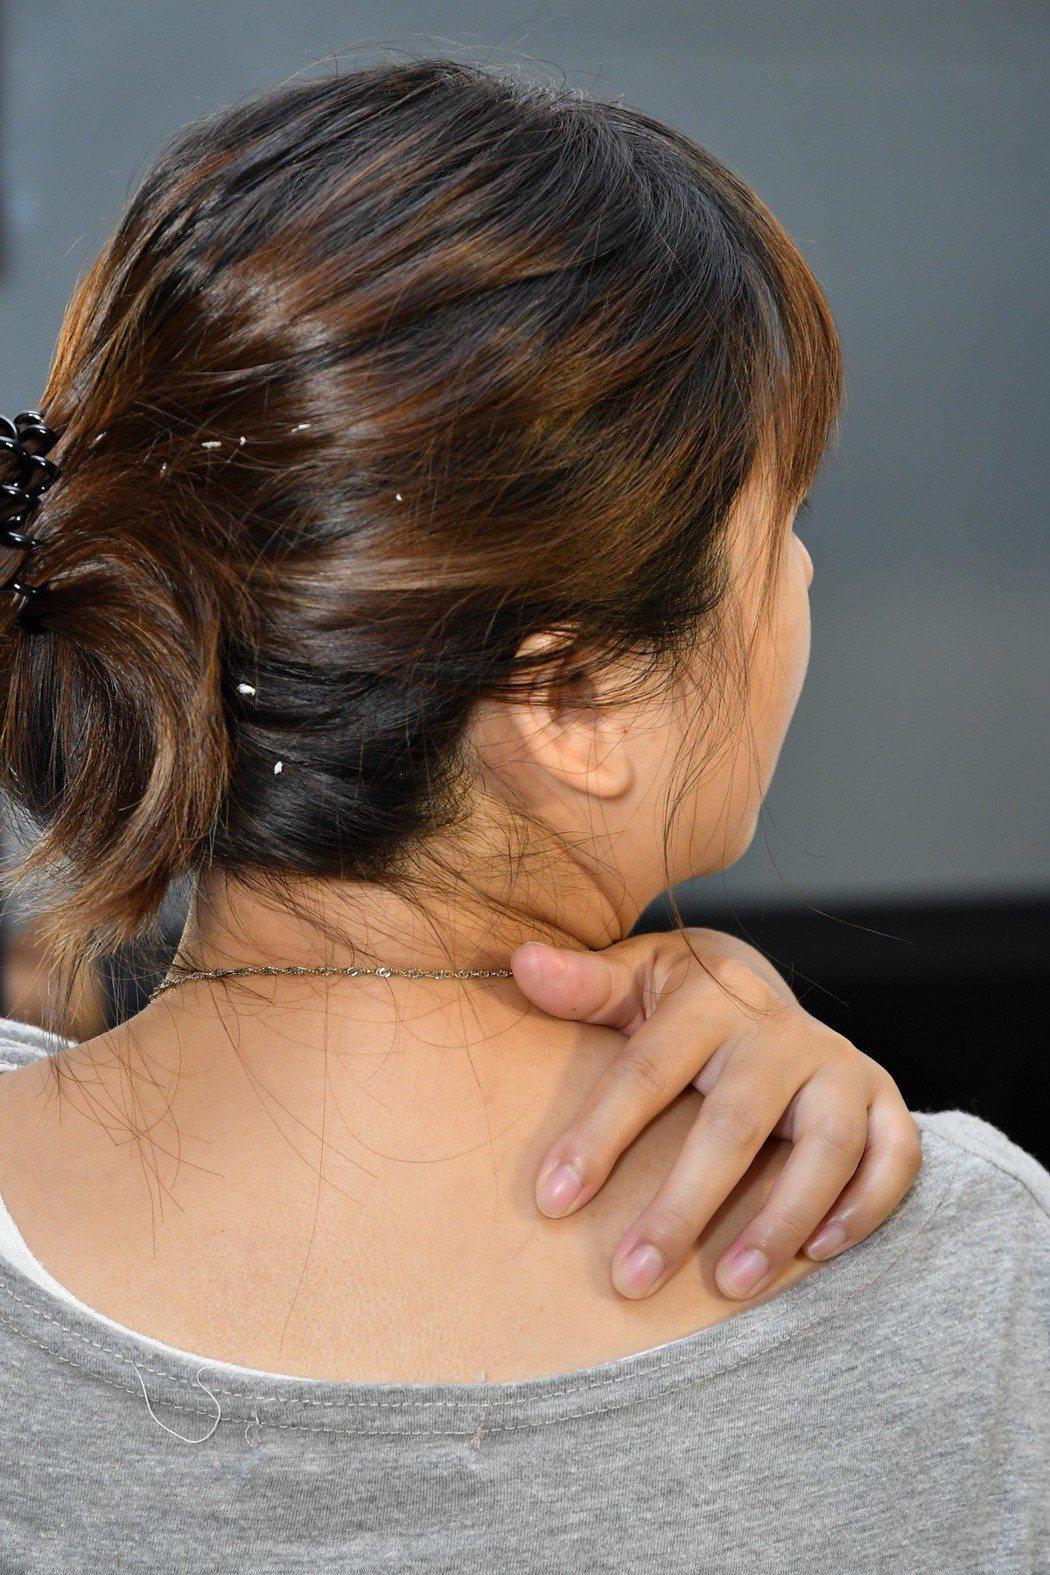 臨床顯示,近八成乾癬患者有嚴重頭皮屑問題,雖不會傳染,但擔心旁人異樣眼光,而不敢...